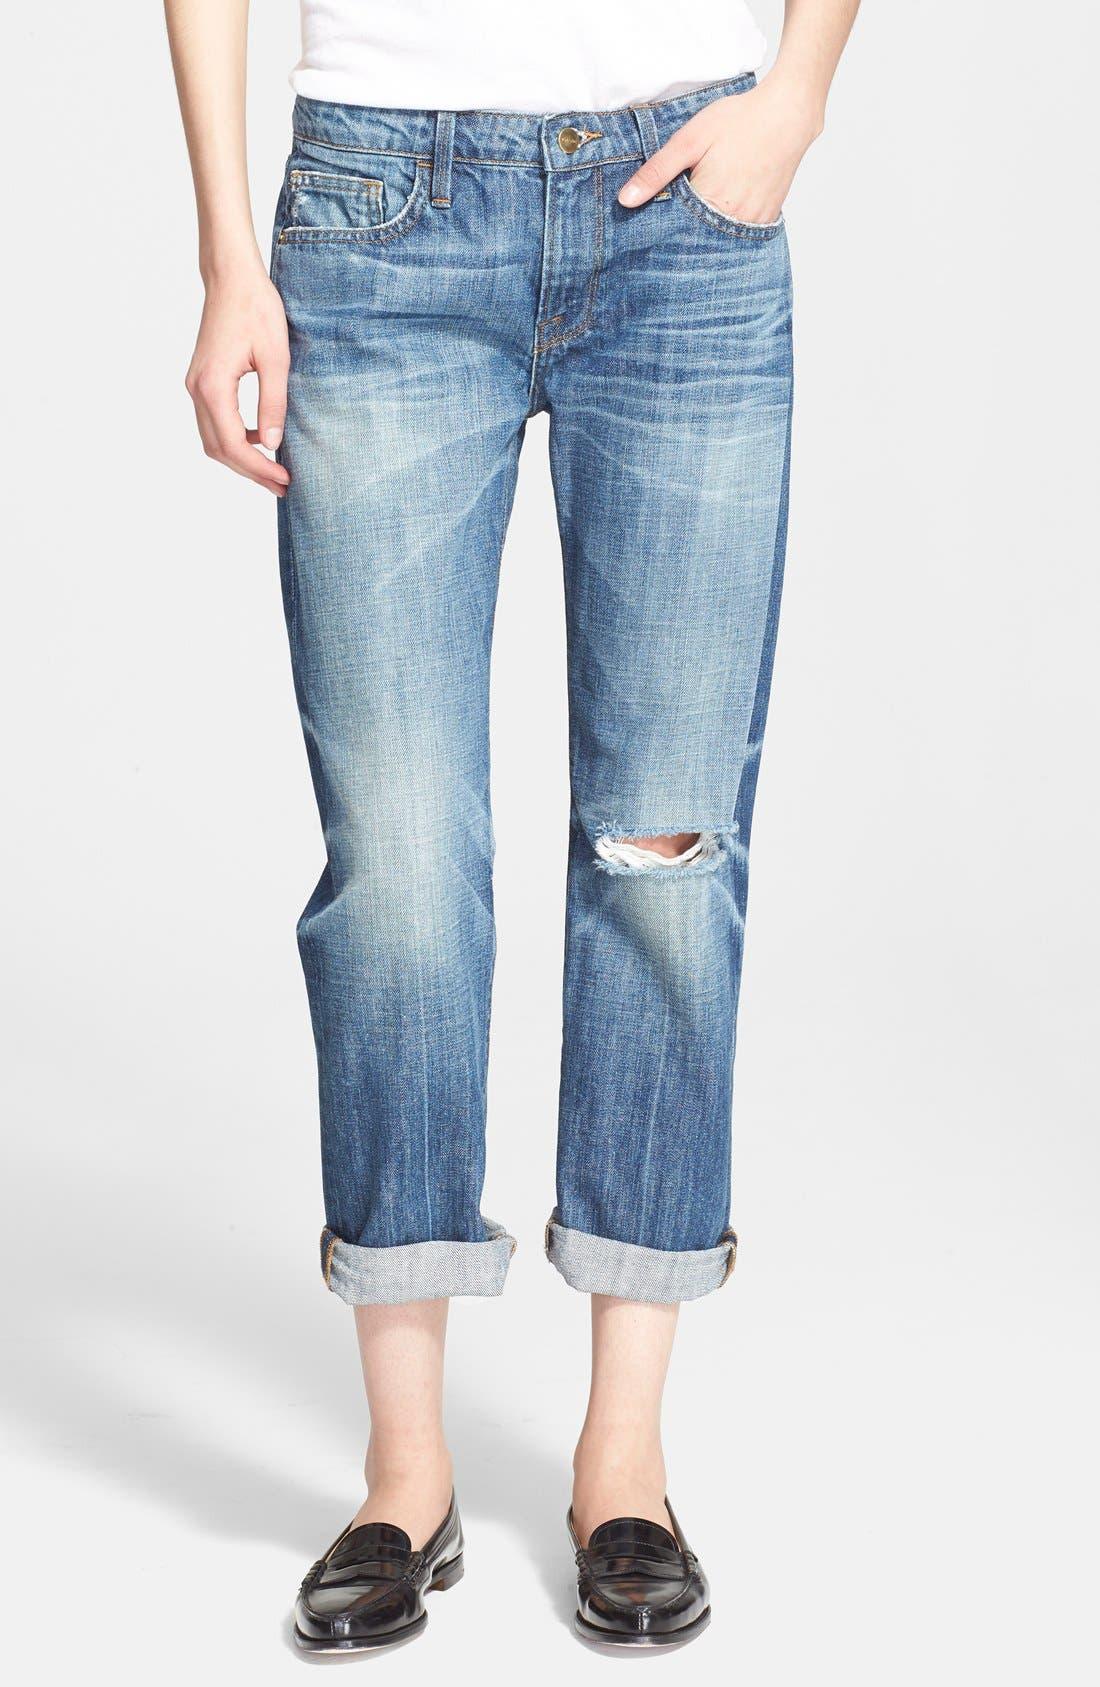 Main Image - Frame Denim 'Le Grand Garcon' Destroyed BoyfriendJeans (Wagner)